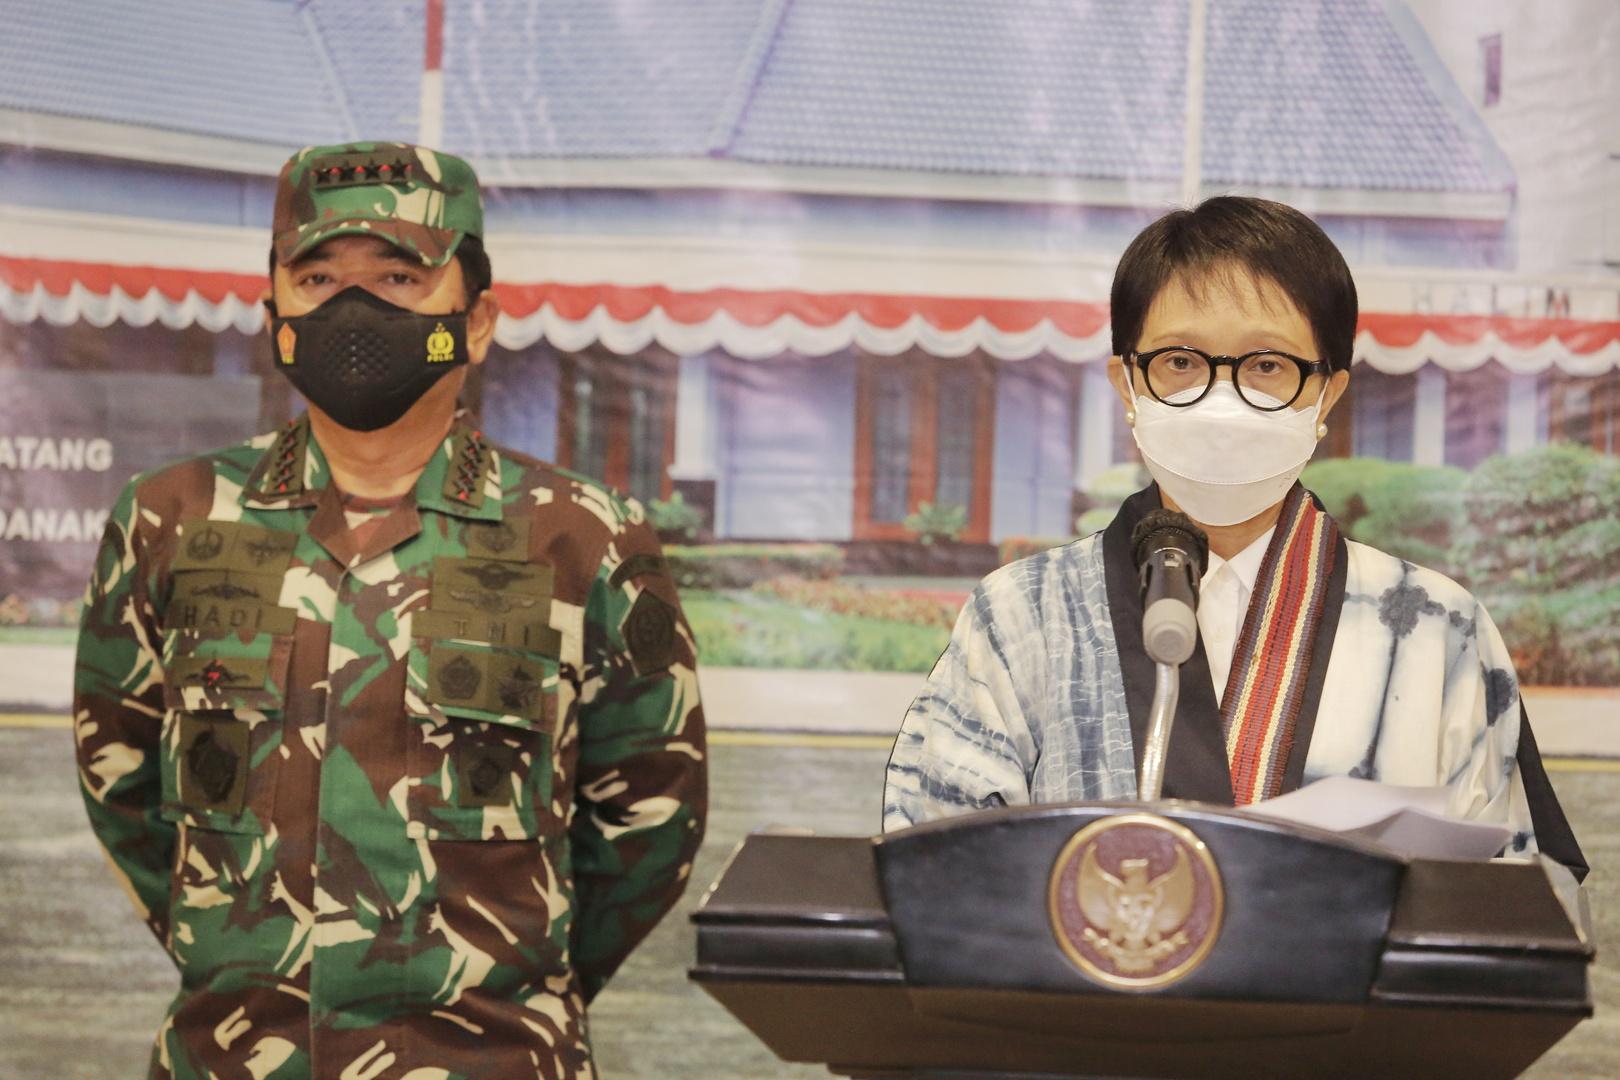 إندونيسيا وأستراليا تجددان اتفاقية الدفاع بينهما وتوقعان اتفاقيات أمنية جديدة